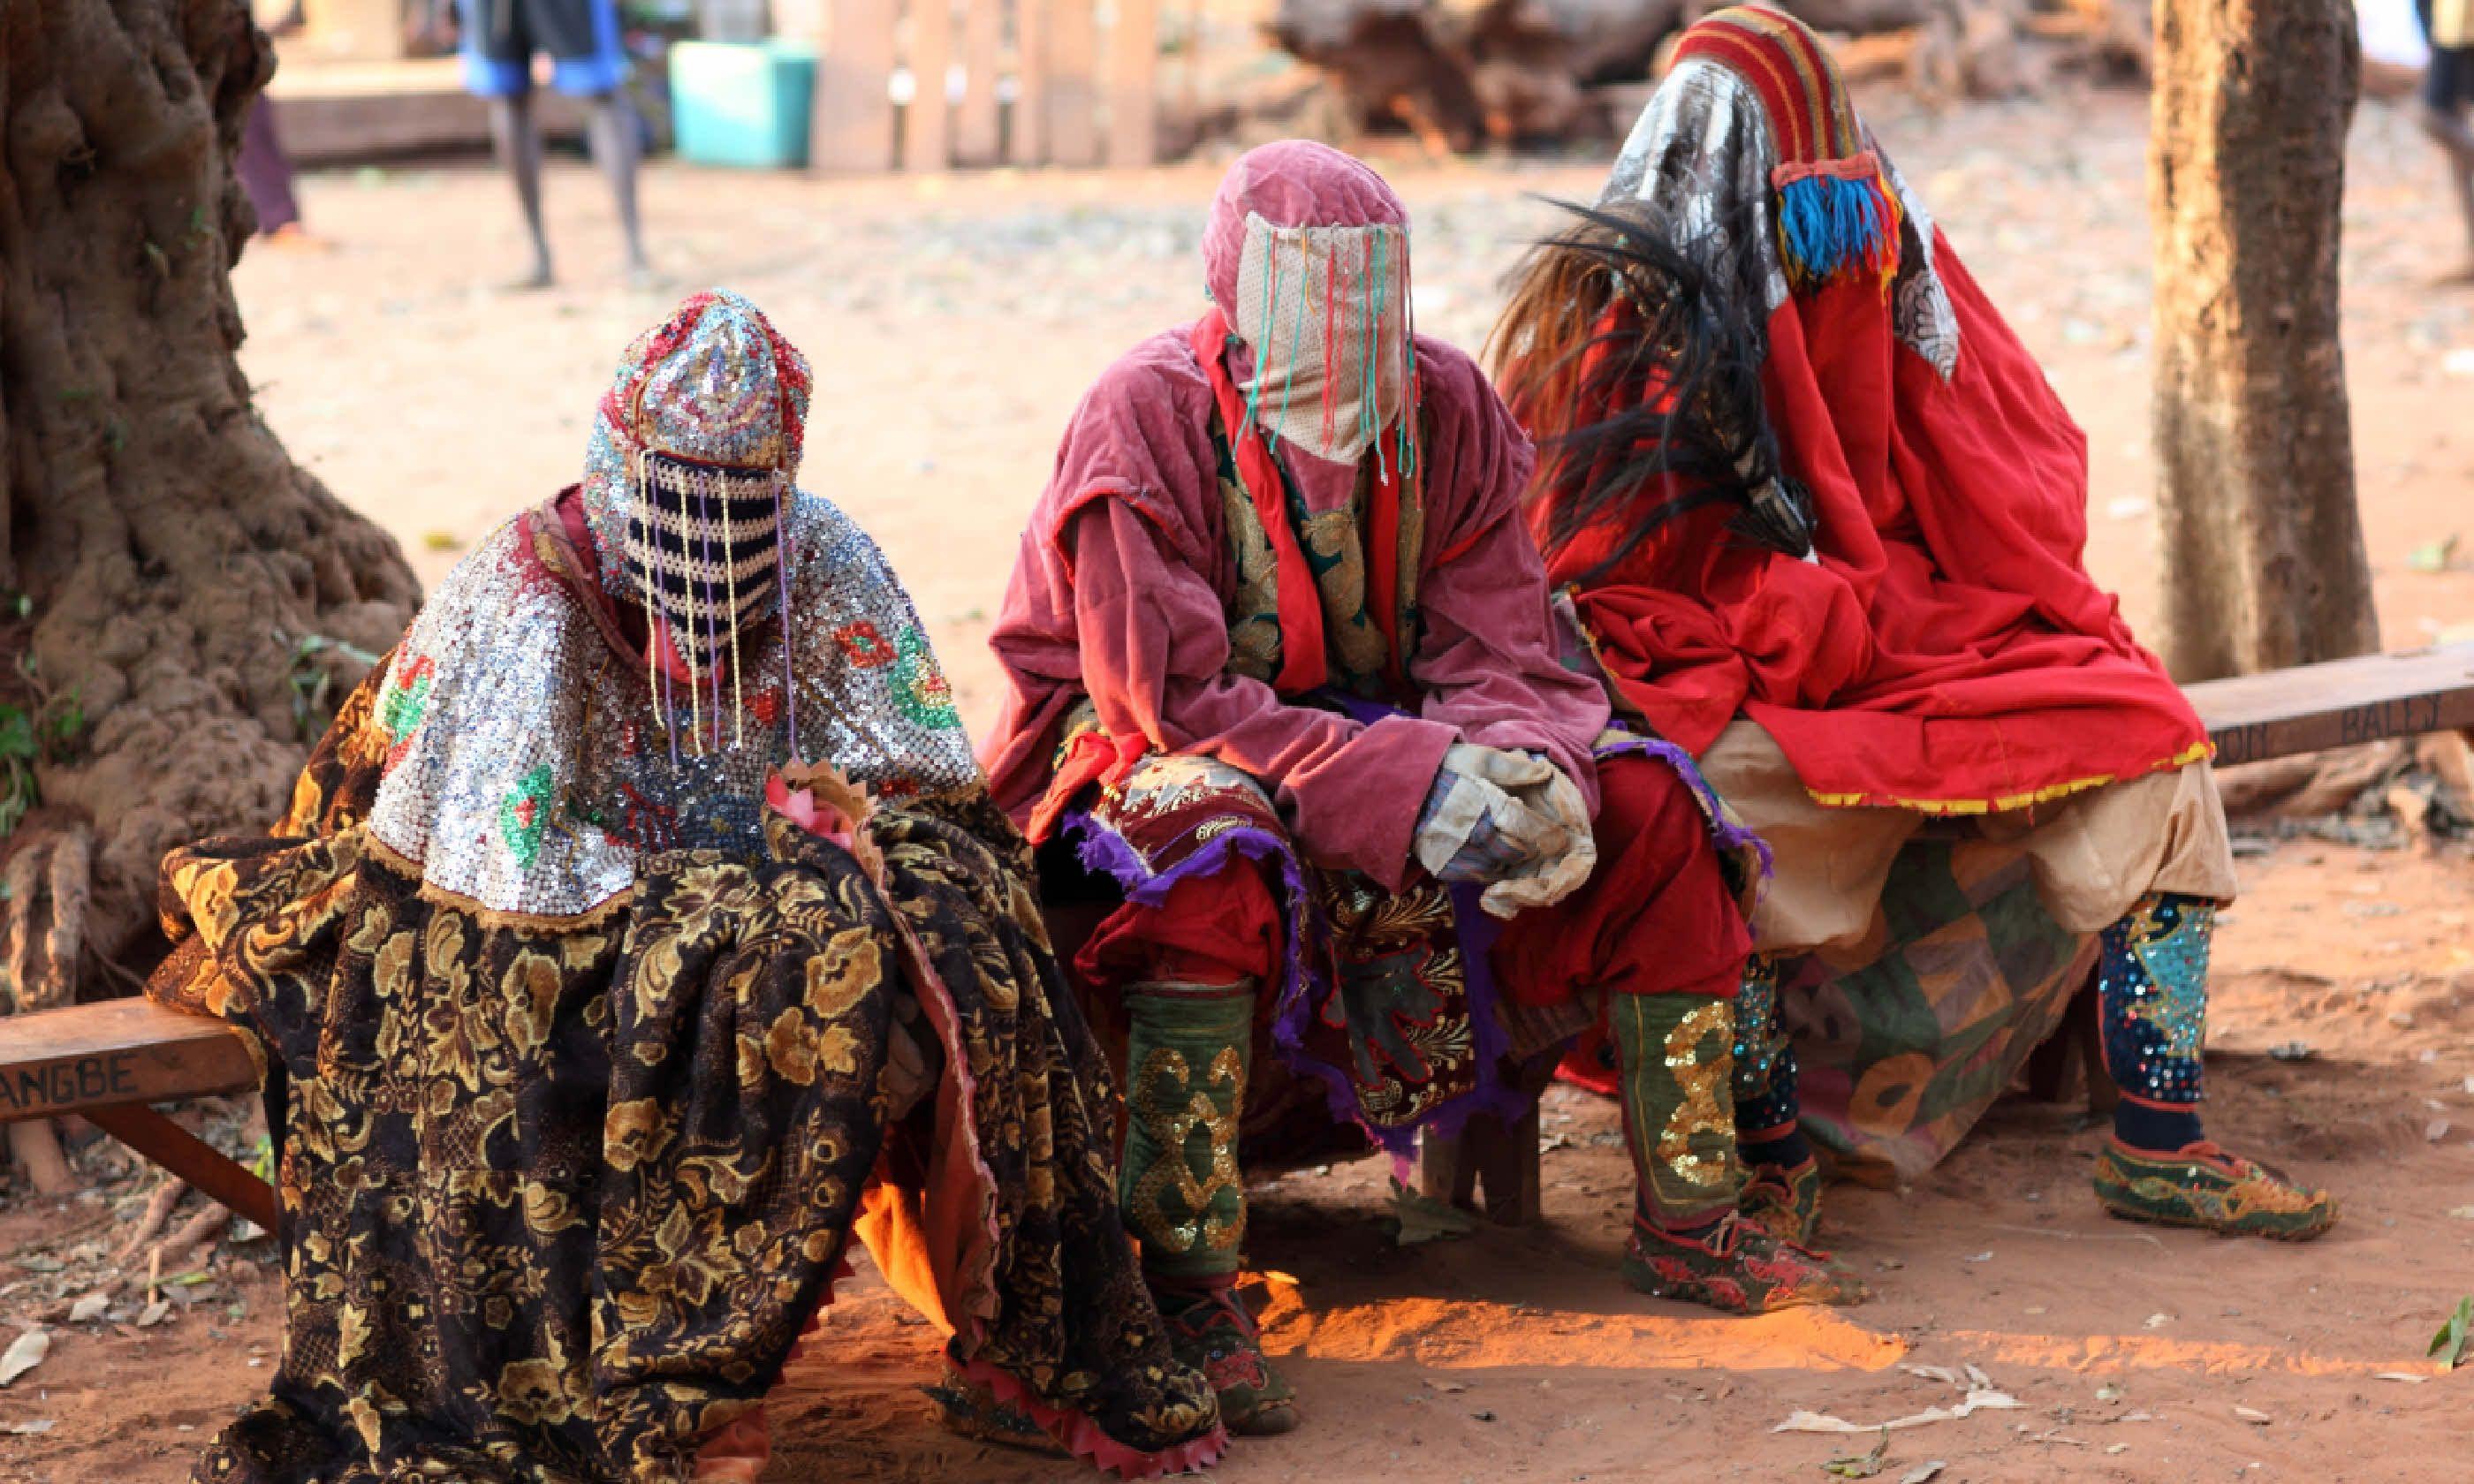 Ceremonial mask dance, Benin (Shutterstock)